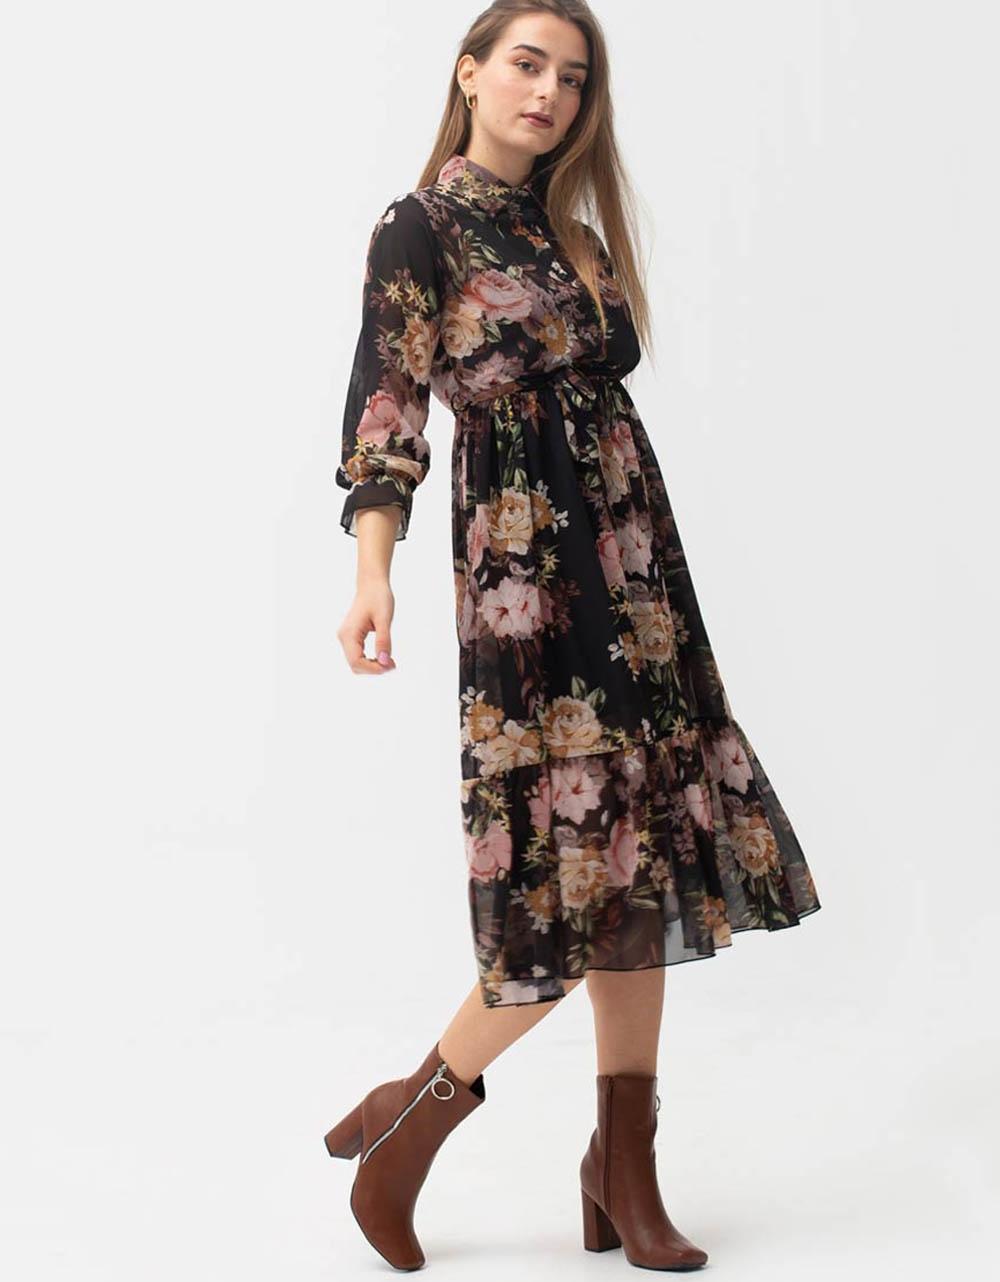 Εικόνα από Γυναικείο φόρεμα μάξι floral Μαύρο